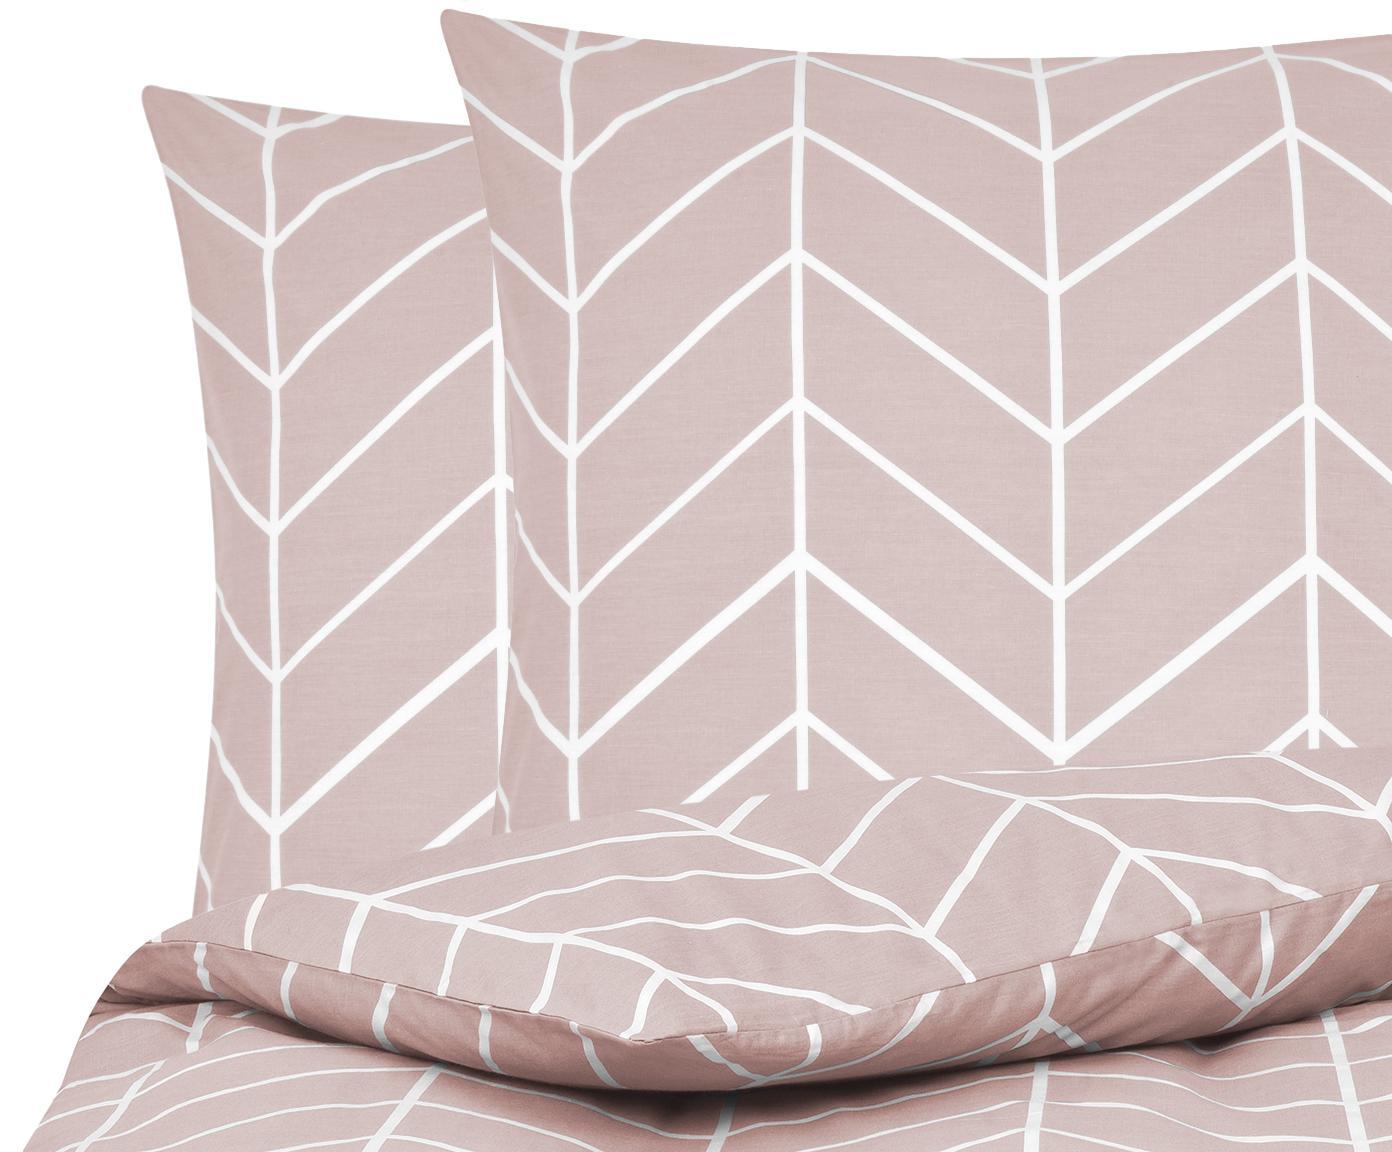 Baumwoll-Bettwäsche Mirja mit grafischem Muster, Webart: Renforcé Fadendichte 144 , Altrosa, Cremeweiss, 200 x 200 cm + 2 Kissen 80 x 80 cm